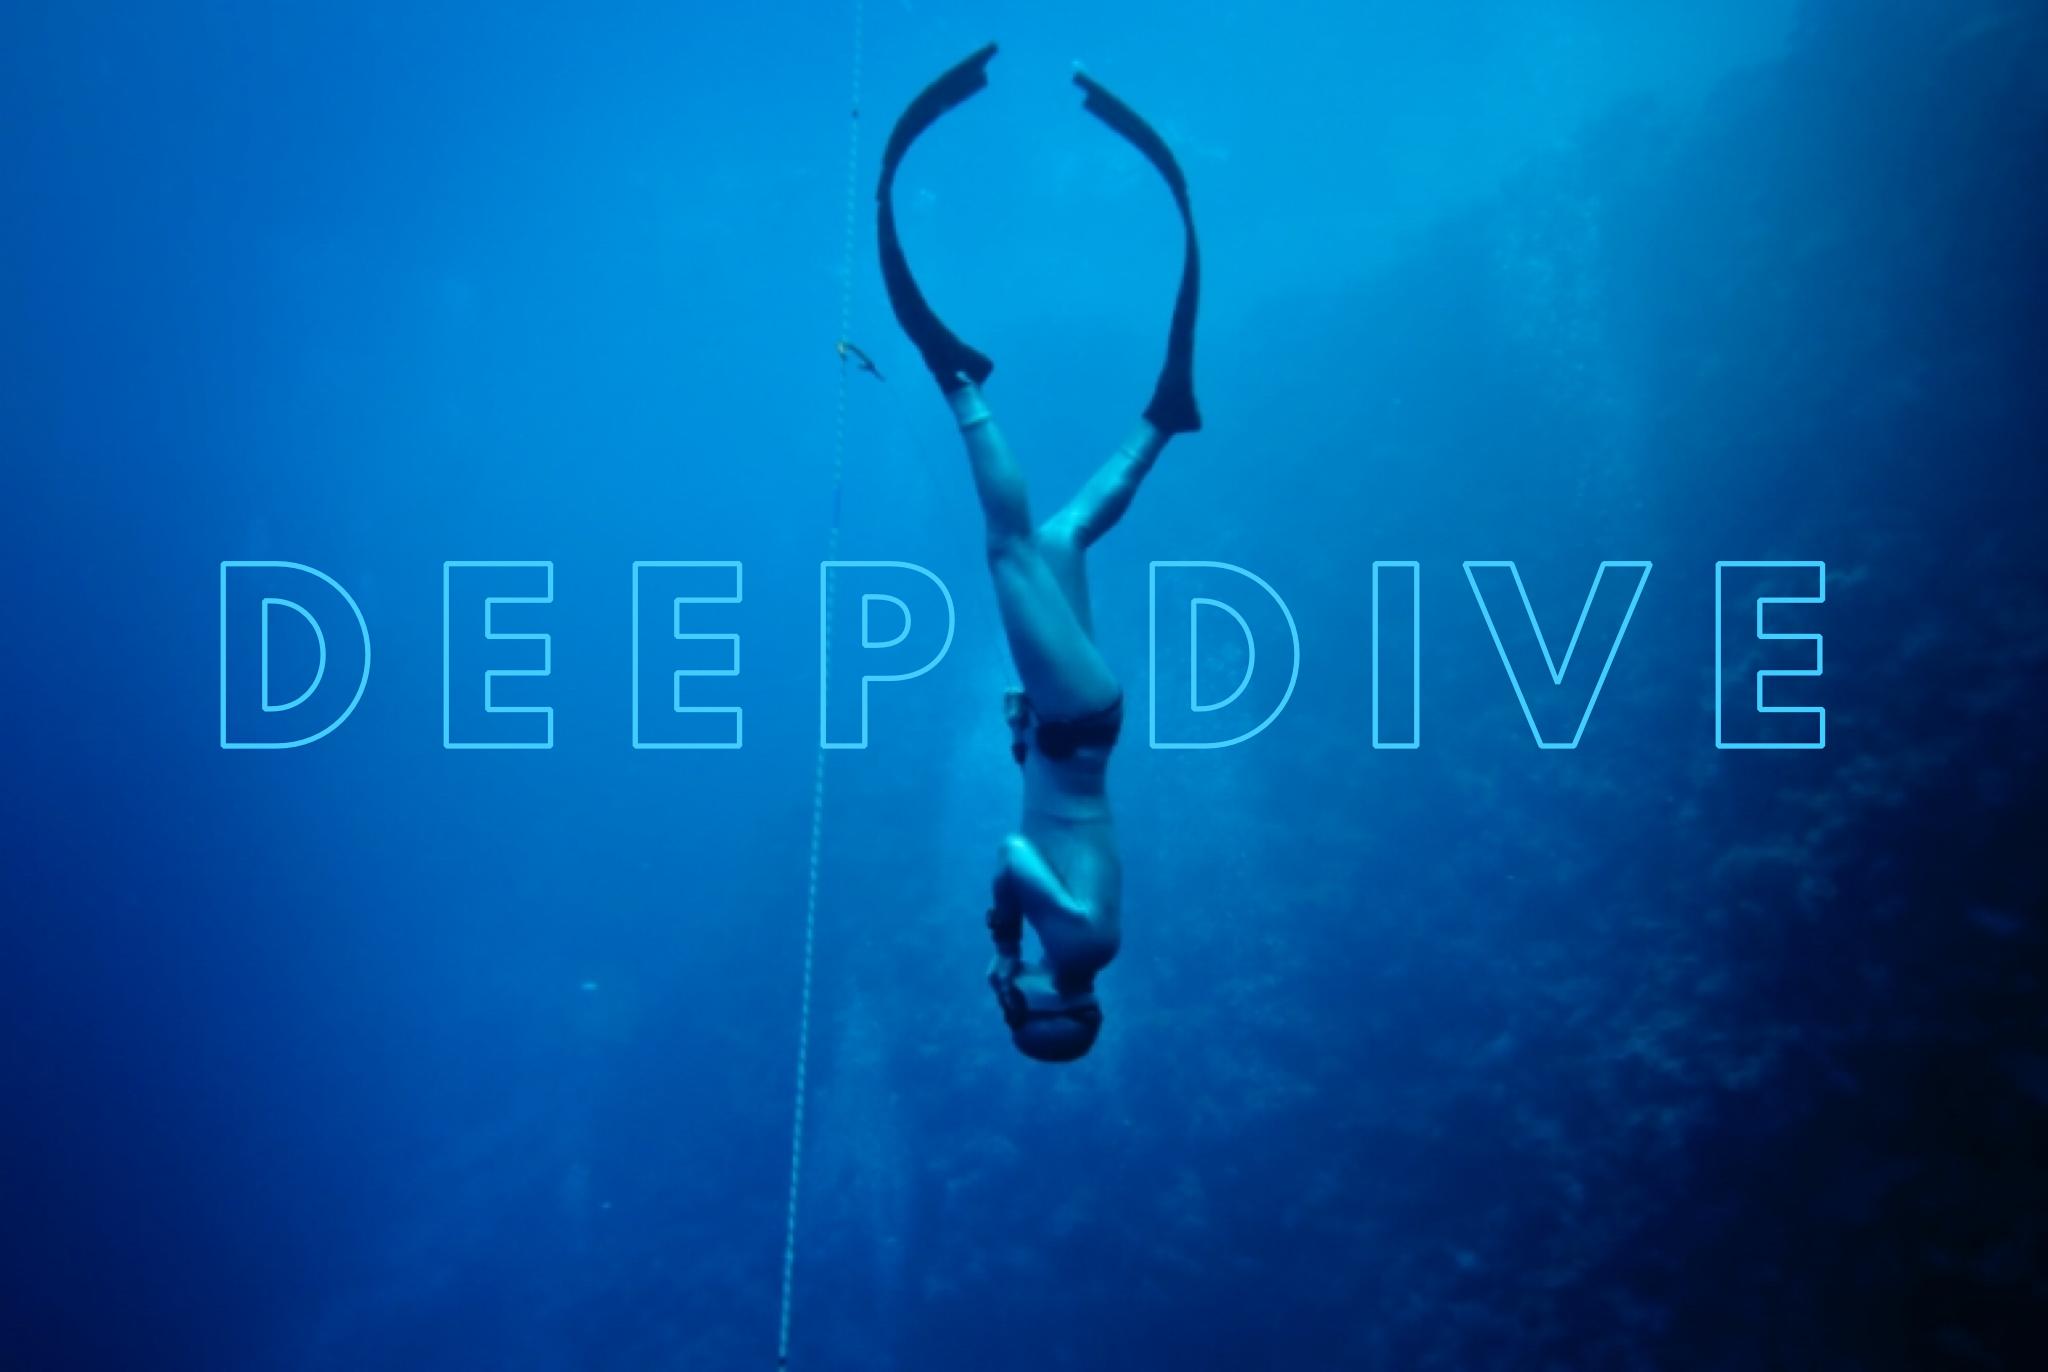 deep dive 2020